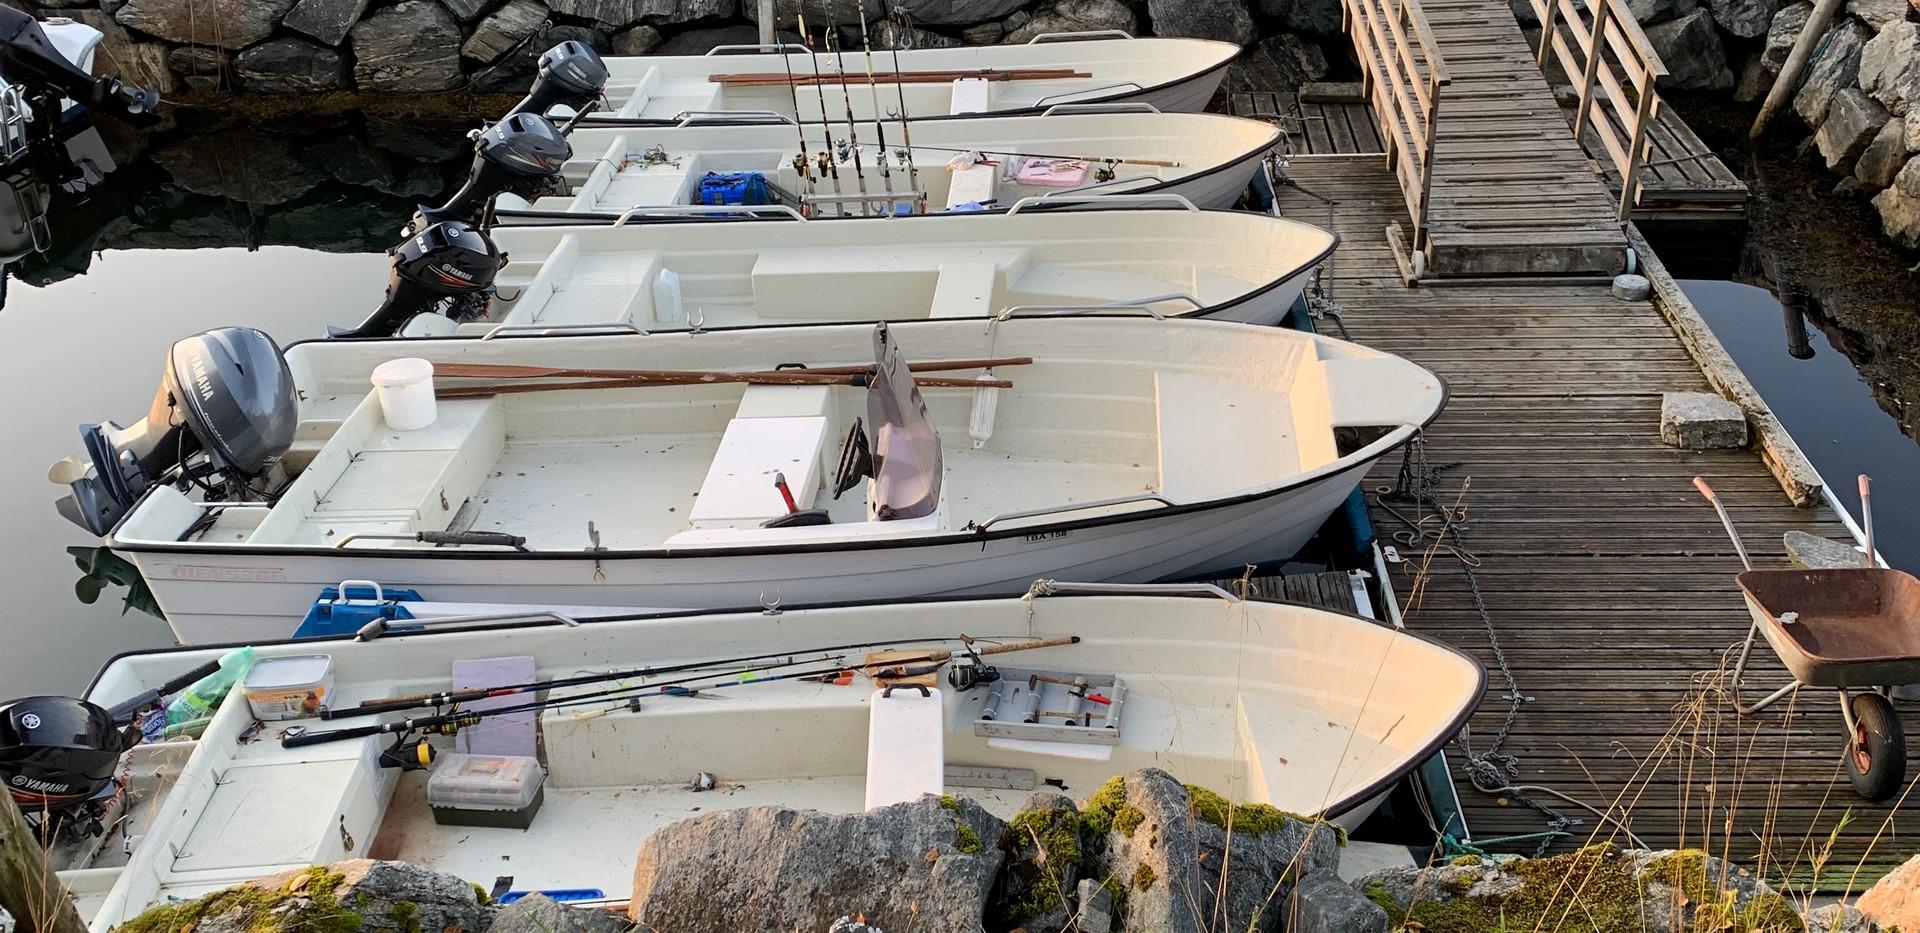 båtene.jpeg